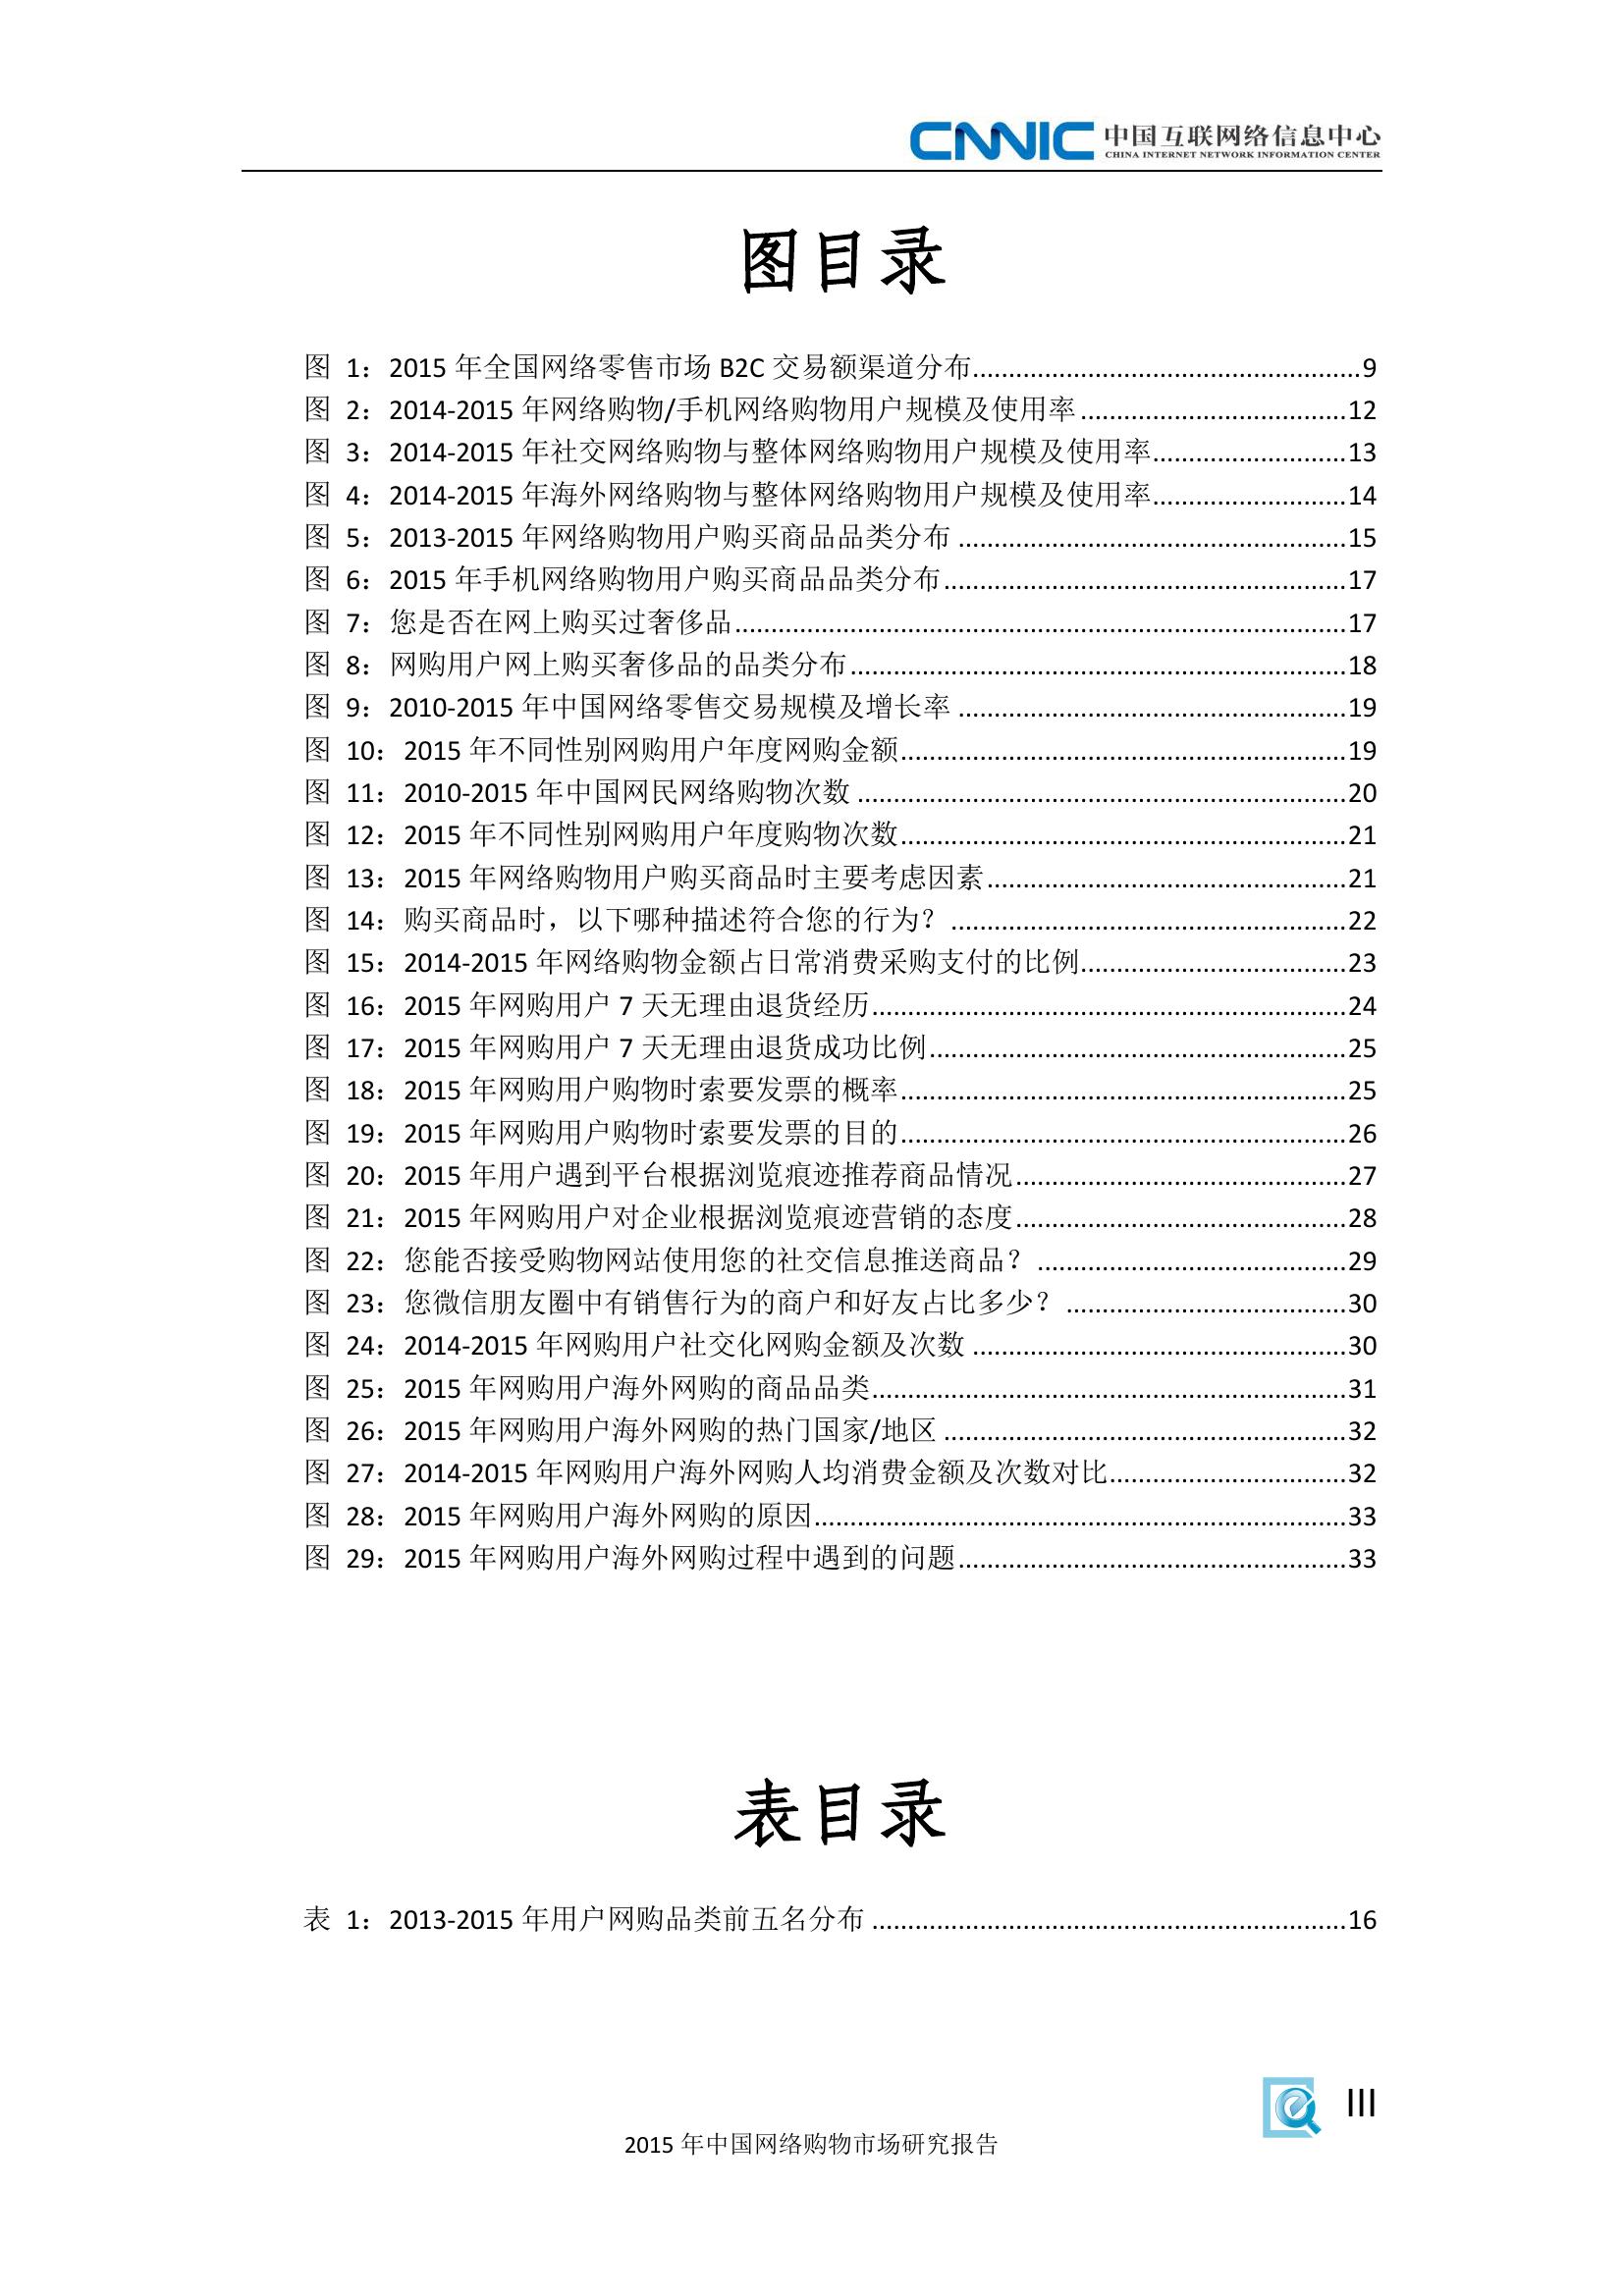 2015年中国网络购物市场研究报告_000007